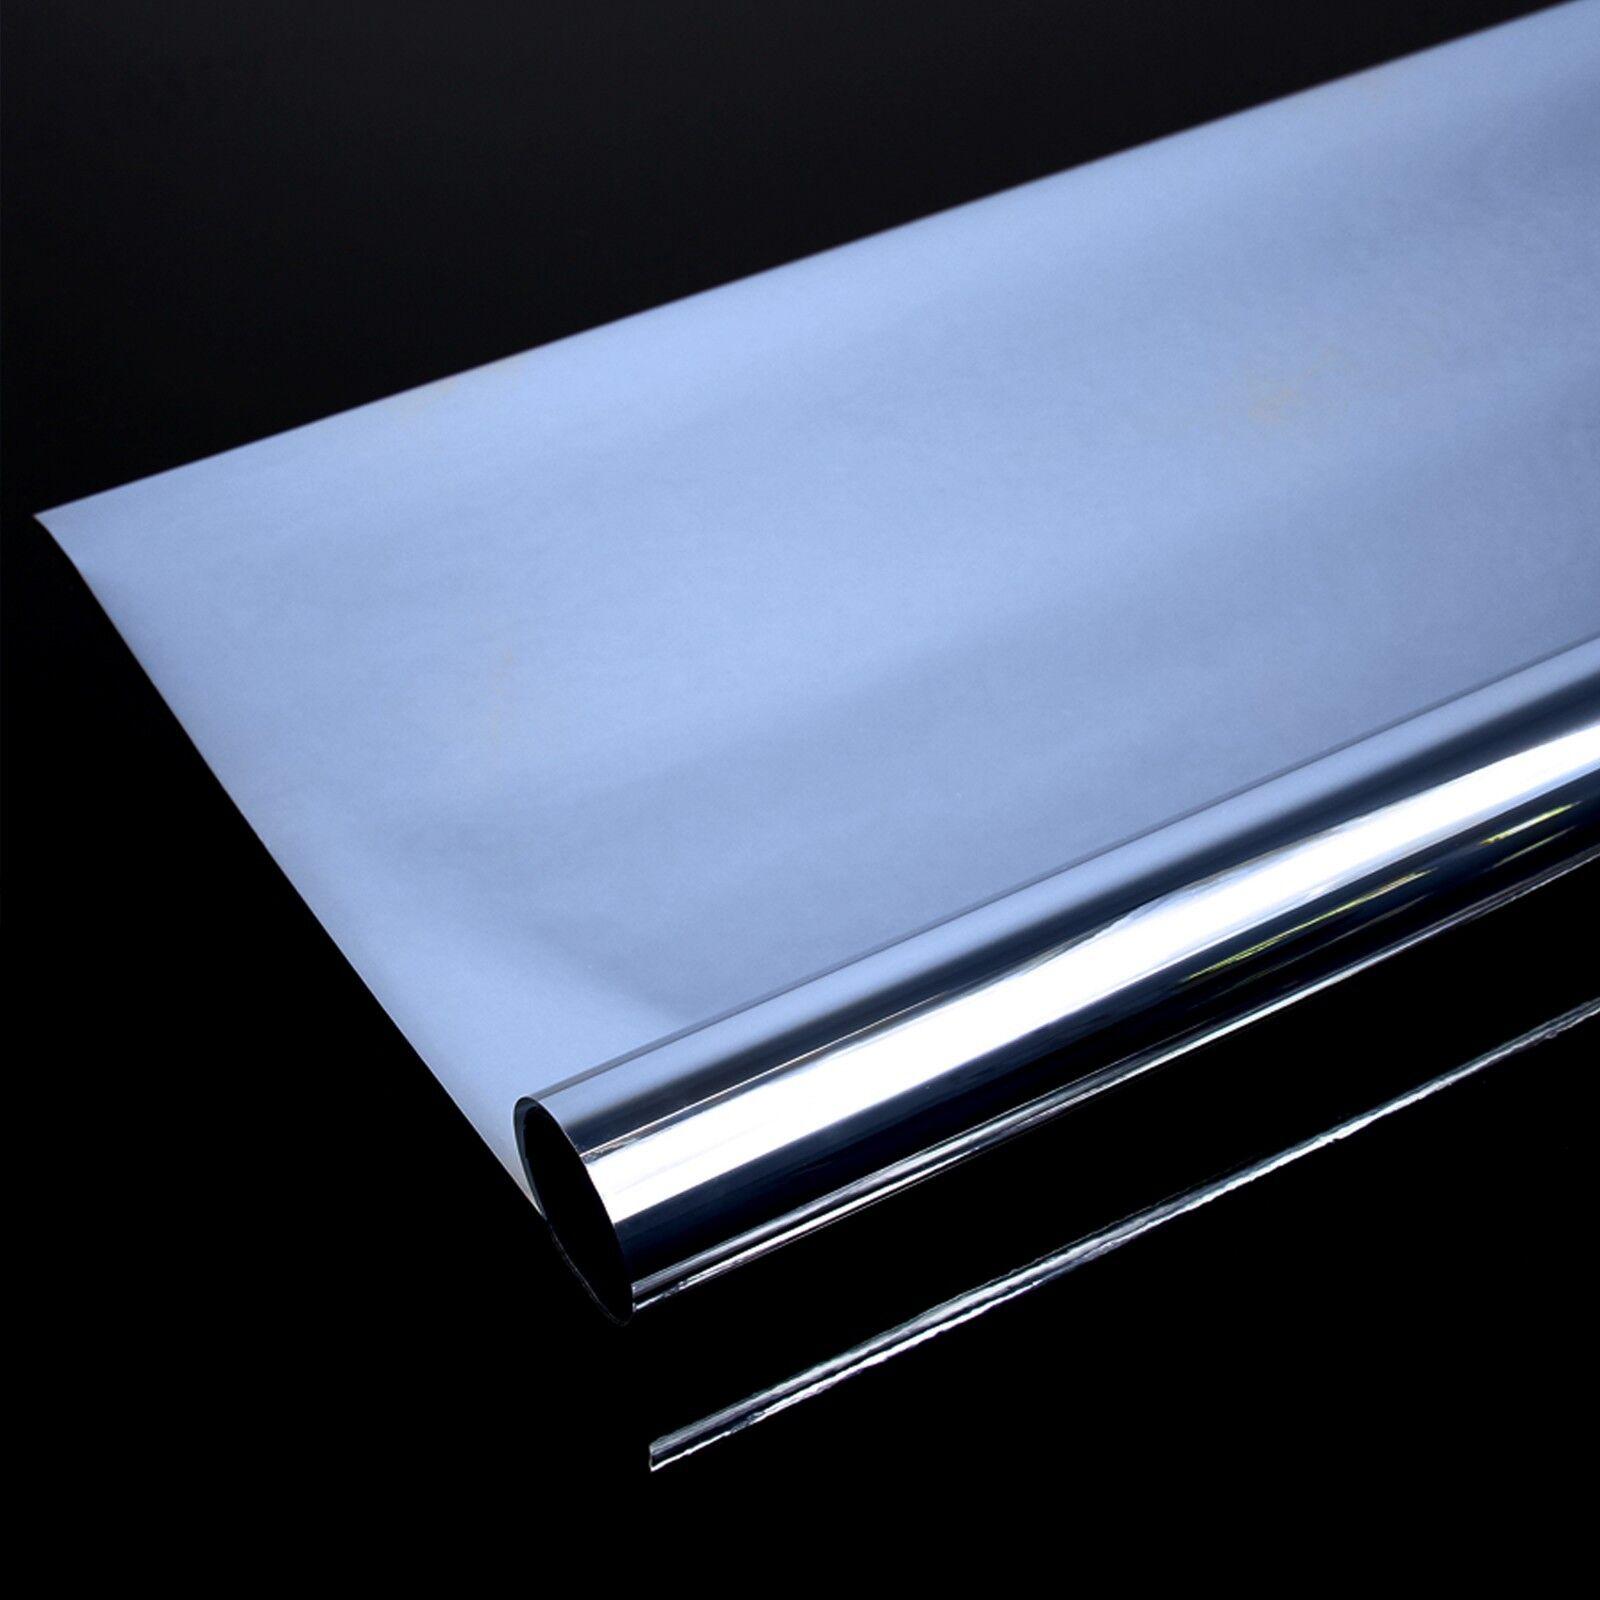 4 92 m spiegelfolie fensterfolie spiegel folie fenster glas scheiben spion eur 1 20. Black Bedroom Furniture Sets. Home Design Ideas